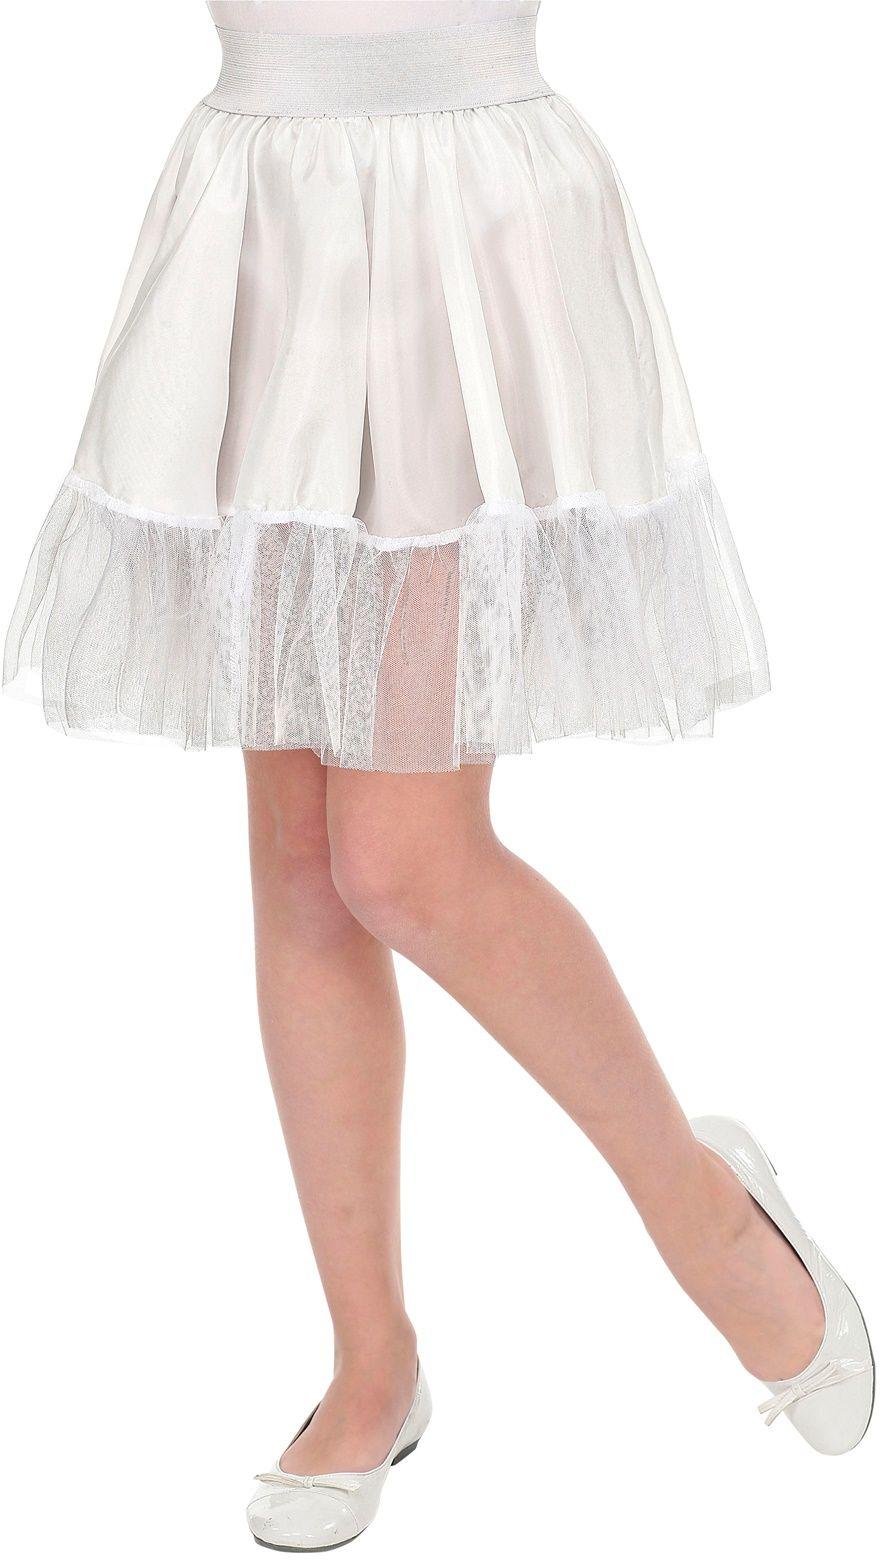 Witte petticoat rok meisjes